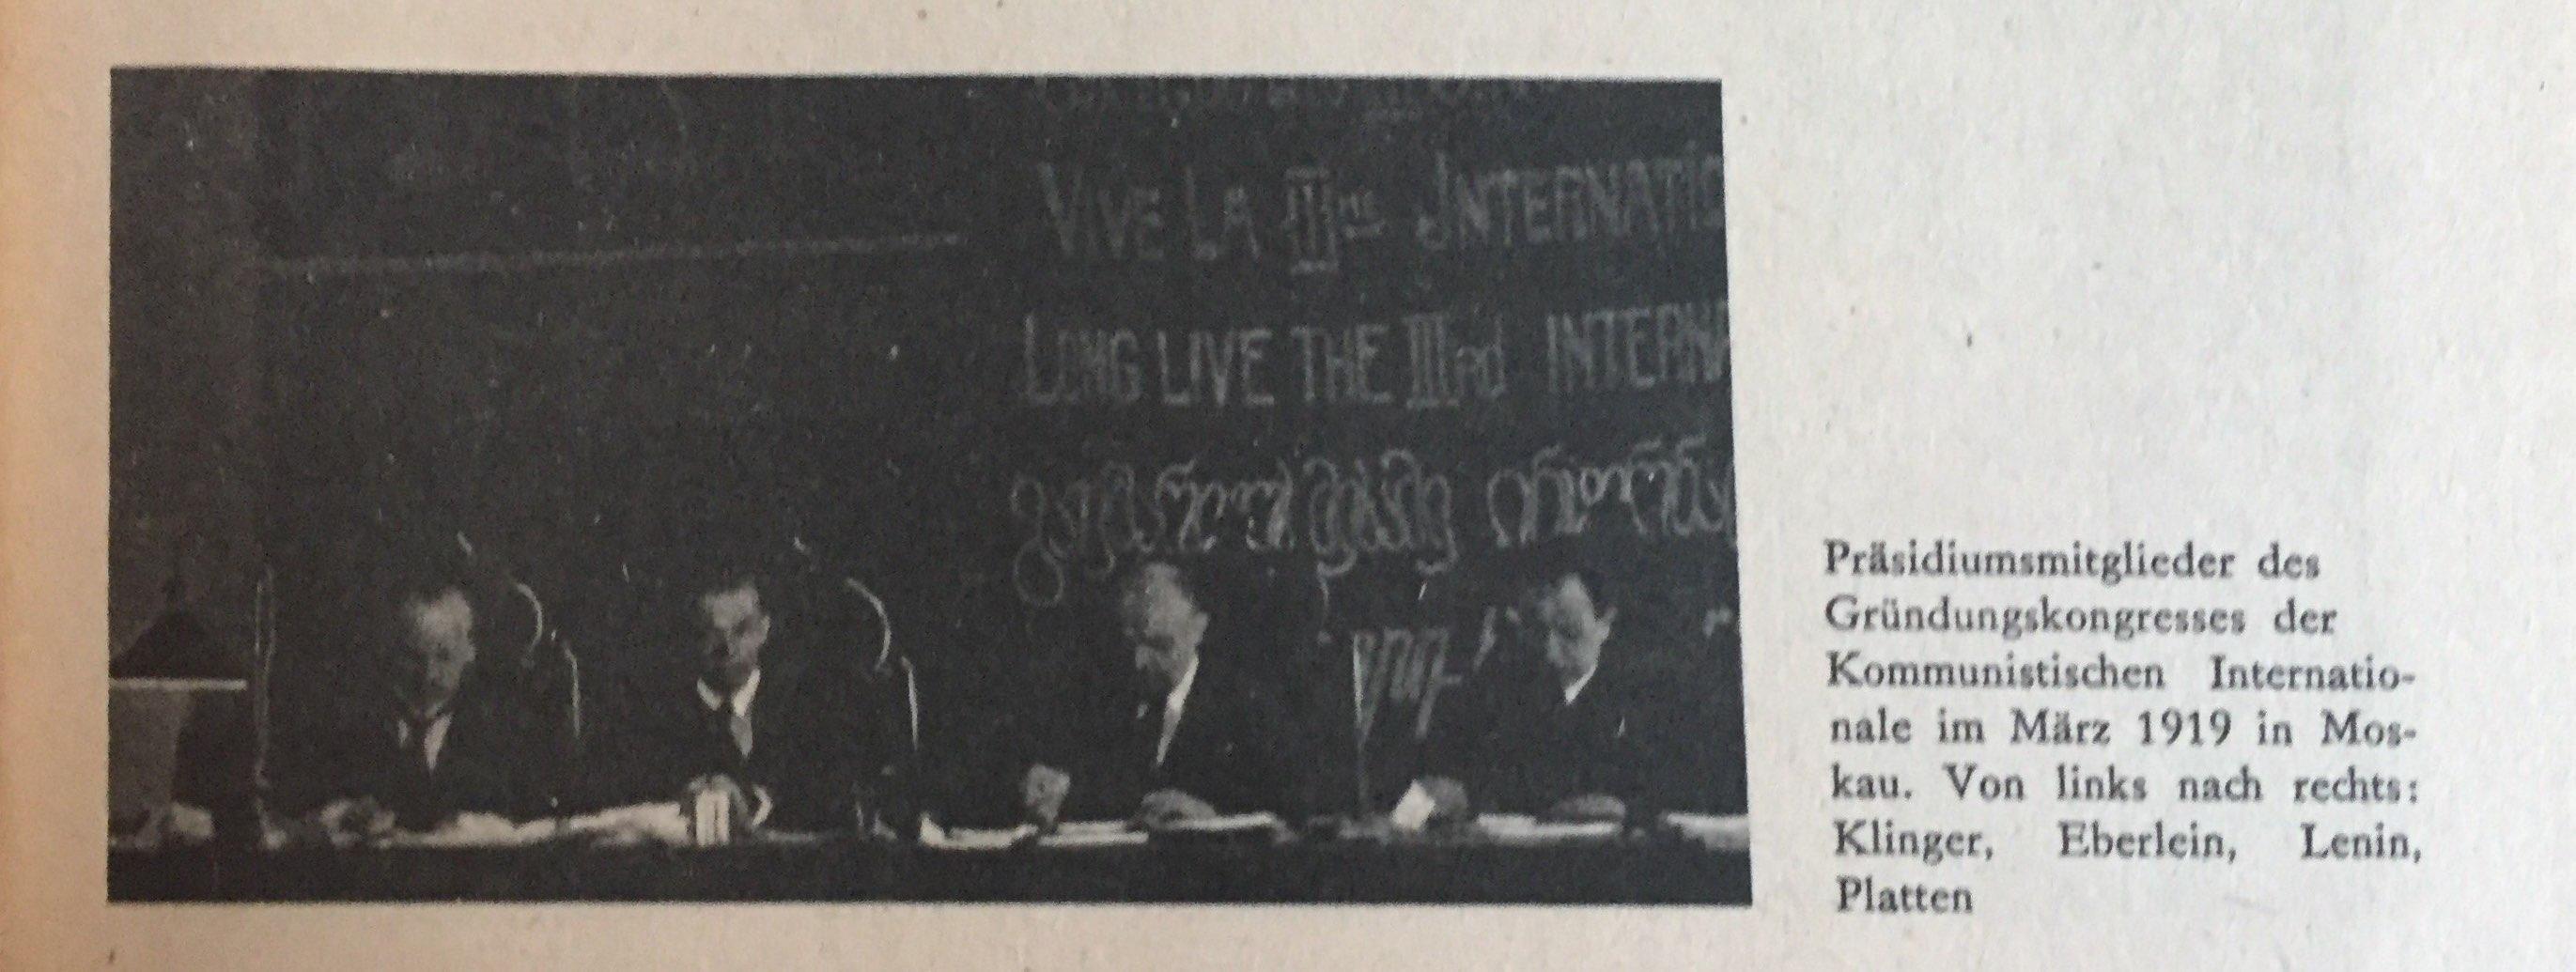 Die Gründung der Kommunistischen Internationale